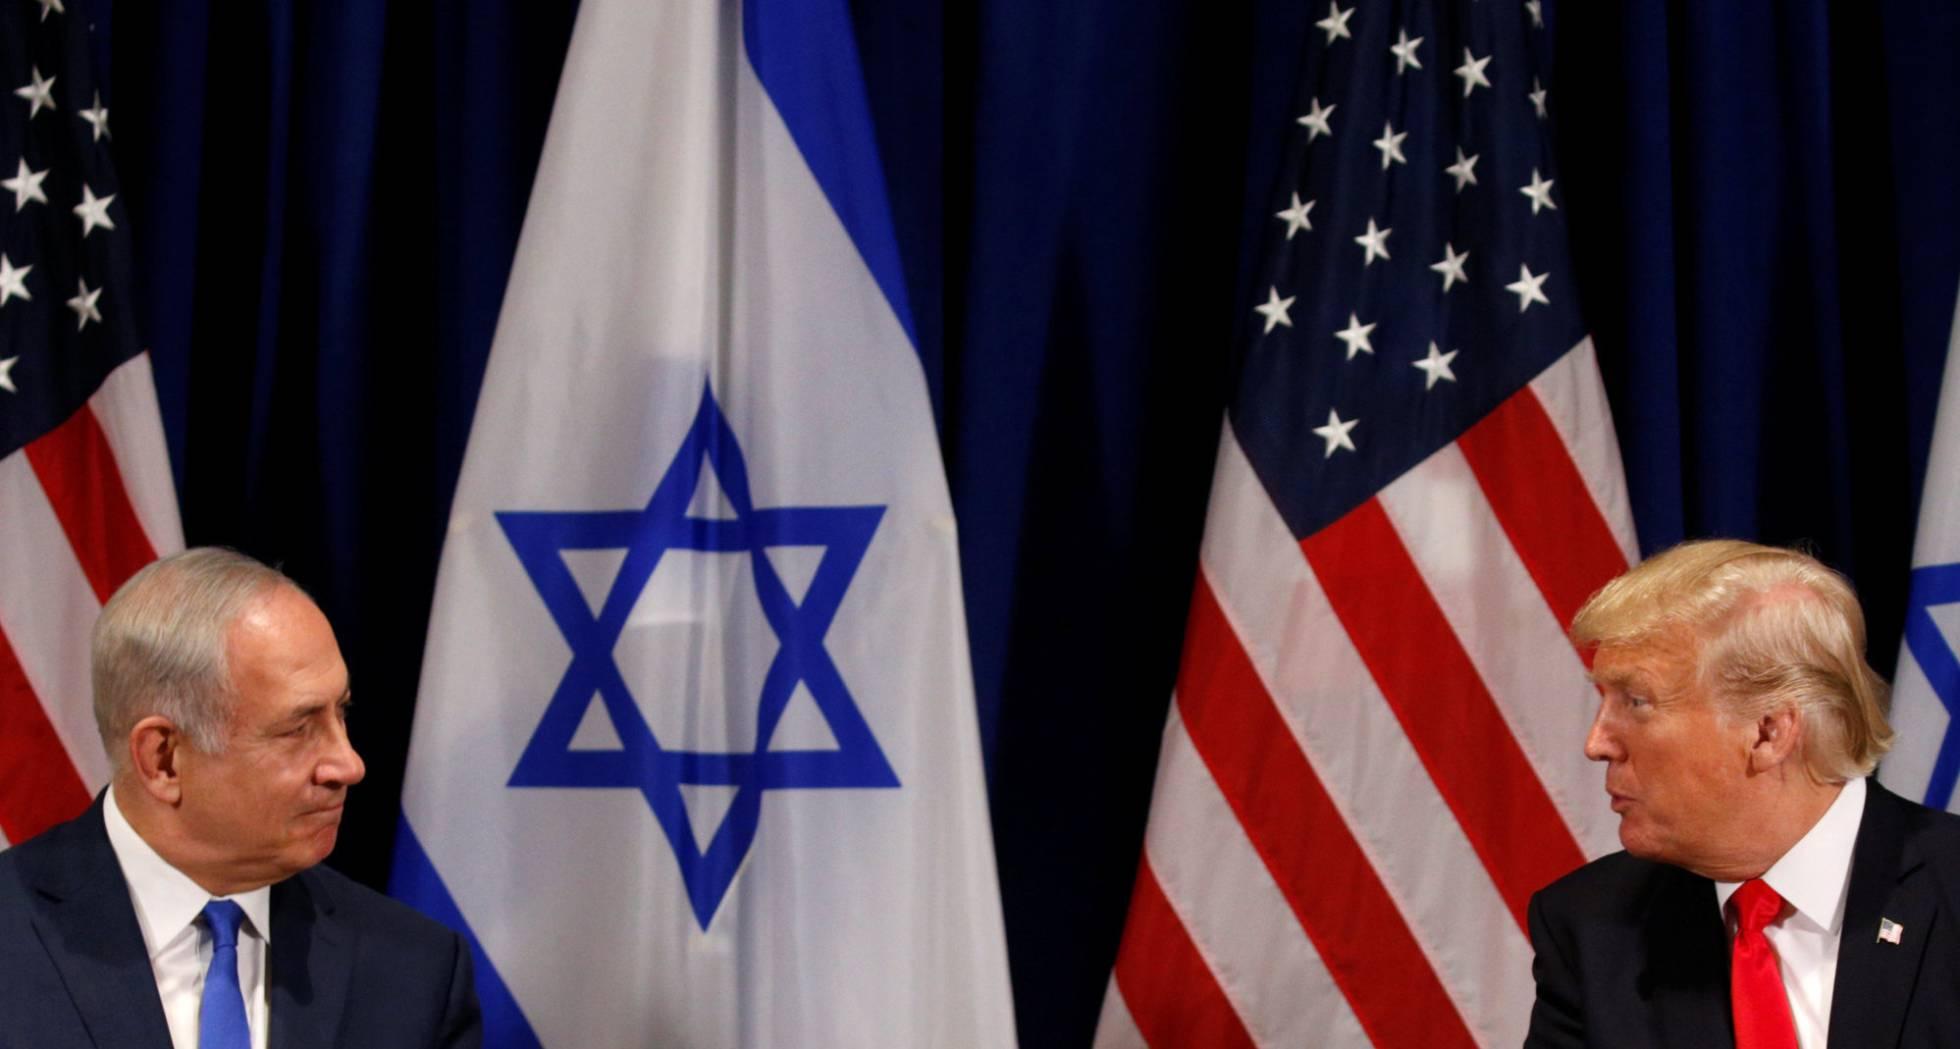 Israel - Pacto Nuclear con Irán - Página 31 1505757764_353190_1505758065_noticia_normal_recorte1